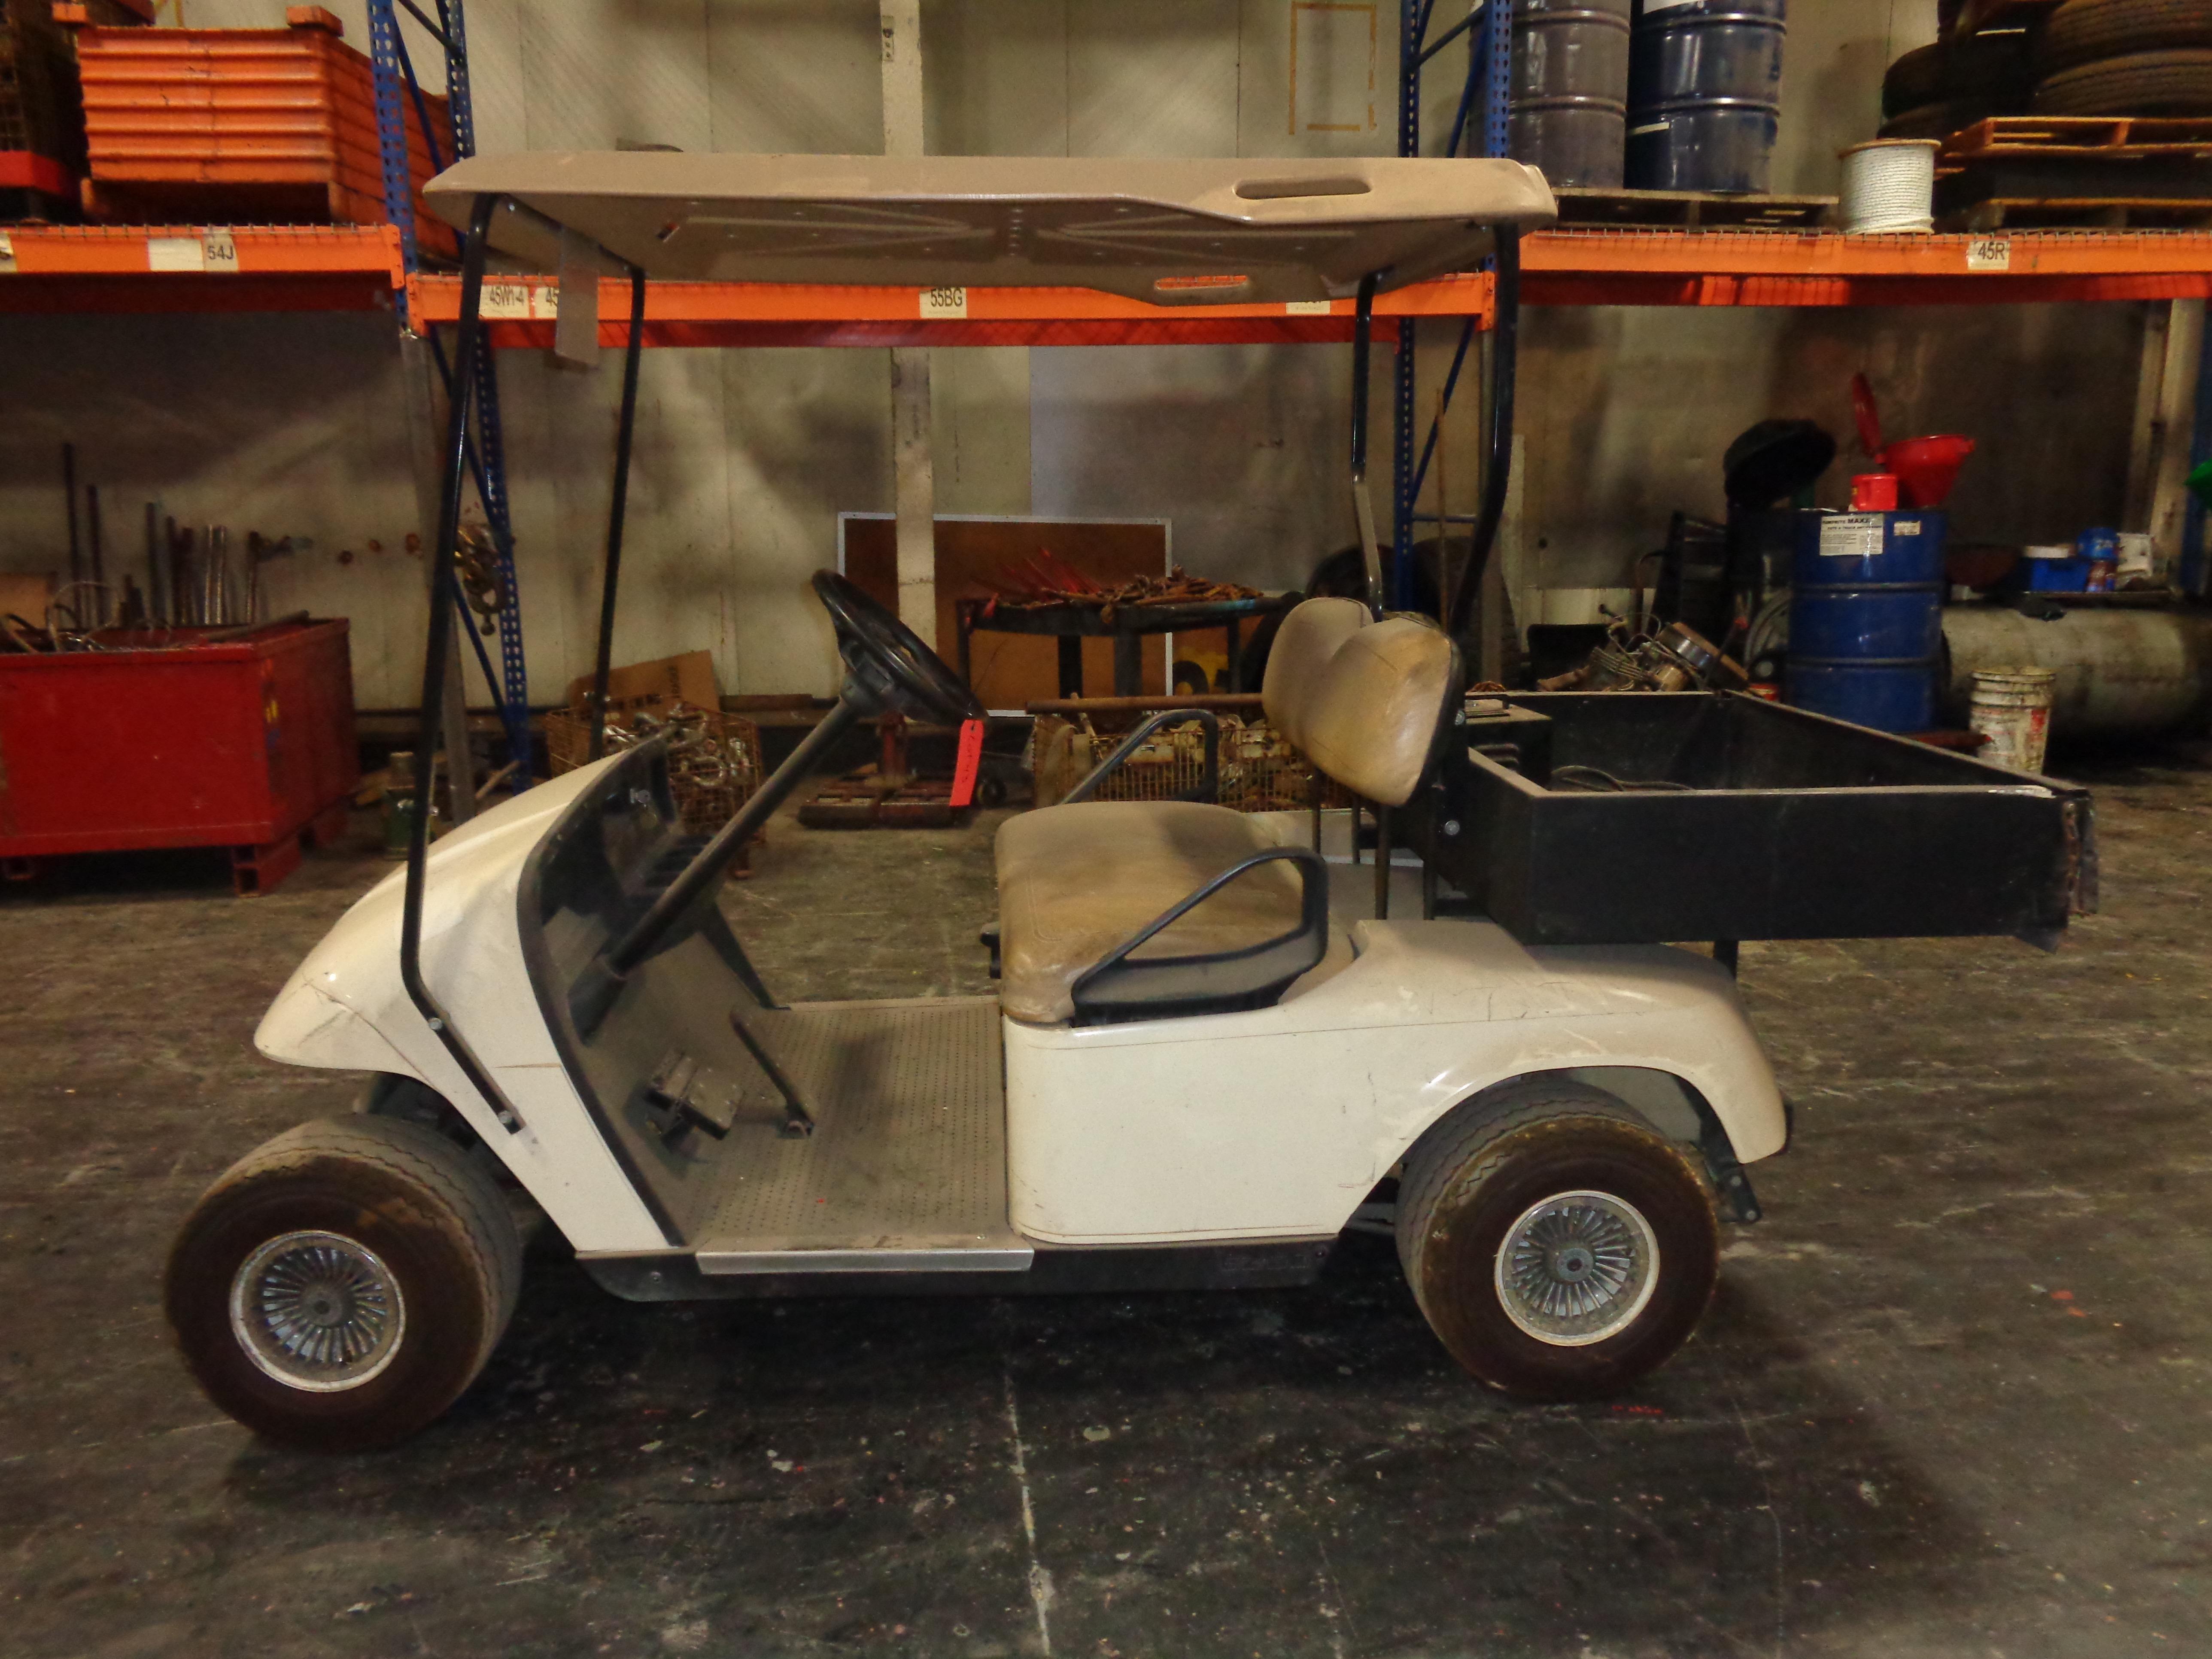 2004 EZGO Golf Cart